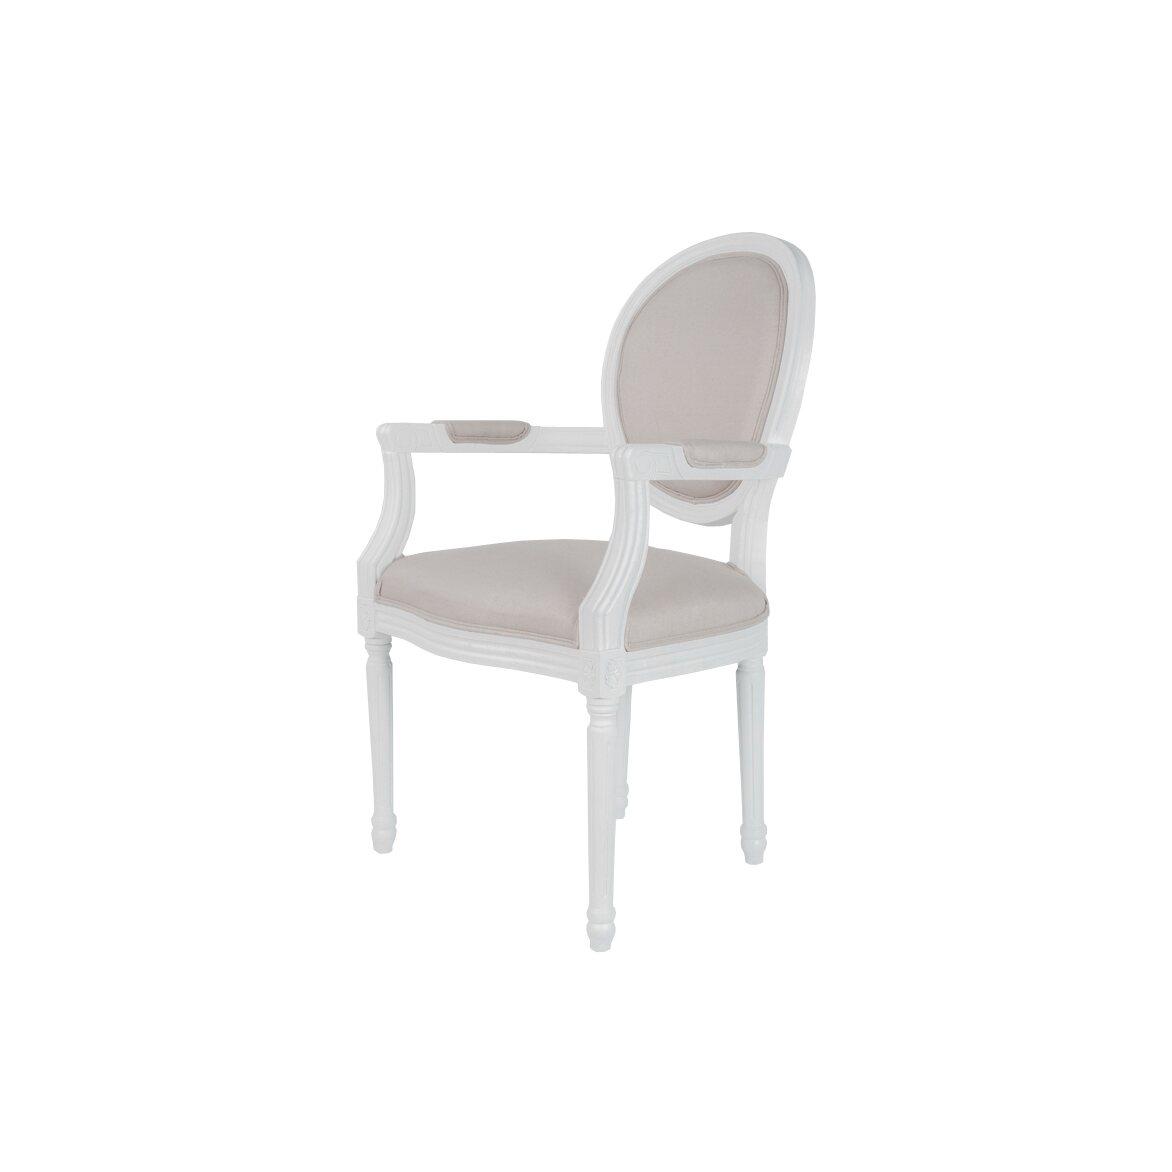 Кресло Diella white 3 | Кресло-стул Kingsby